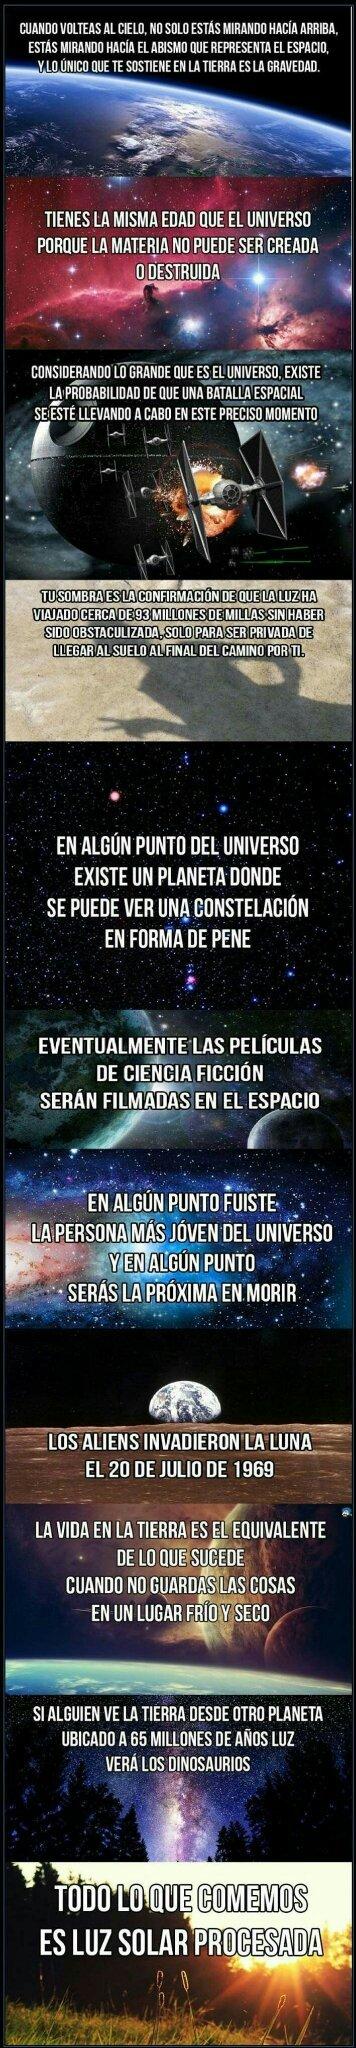 datos curiosos sobre el universo - meme